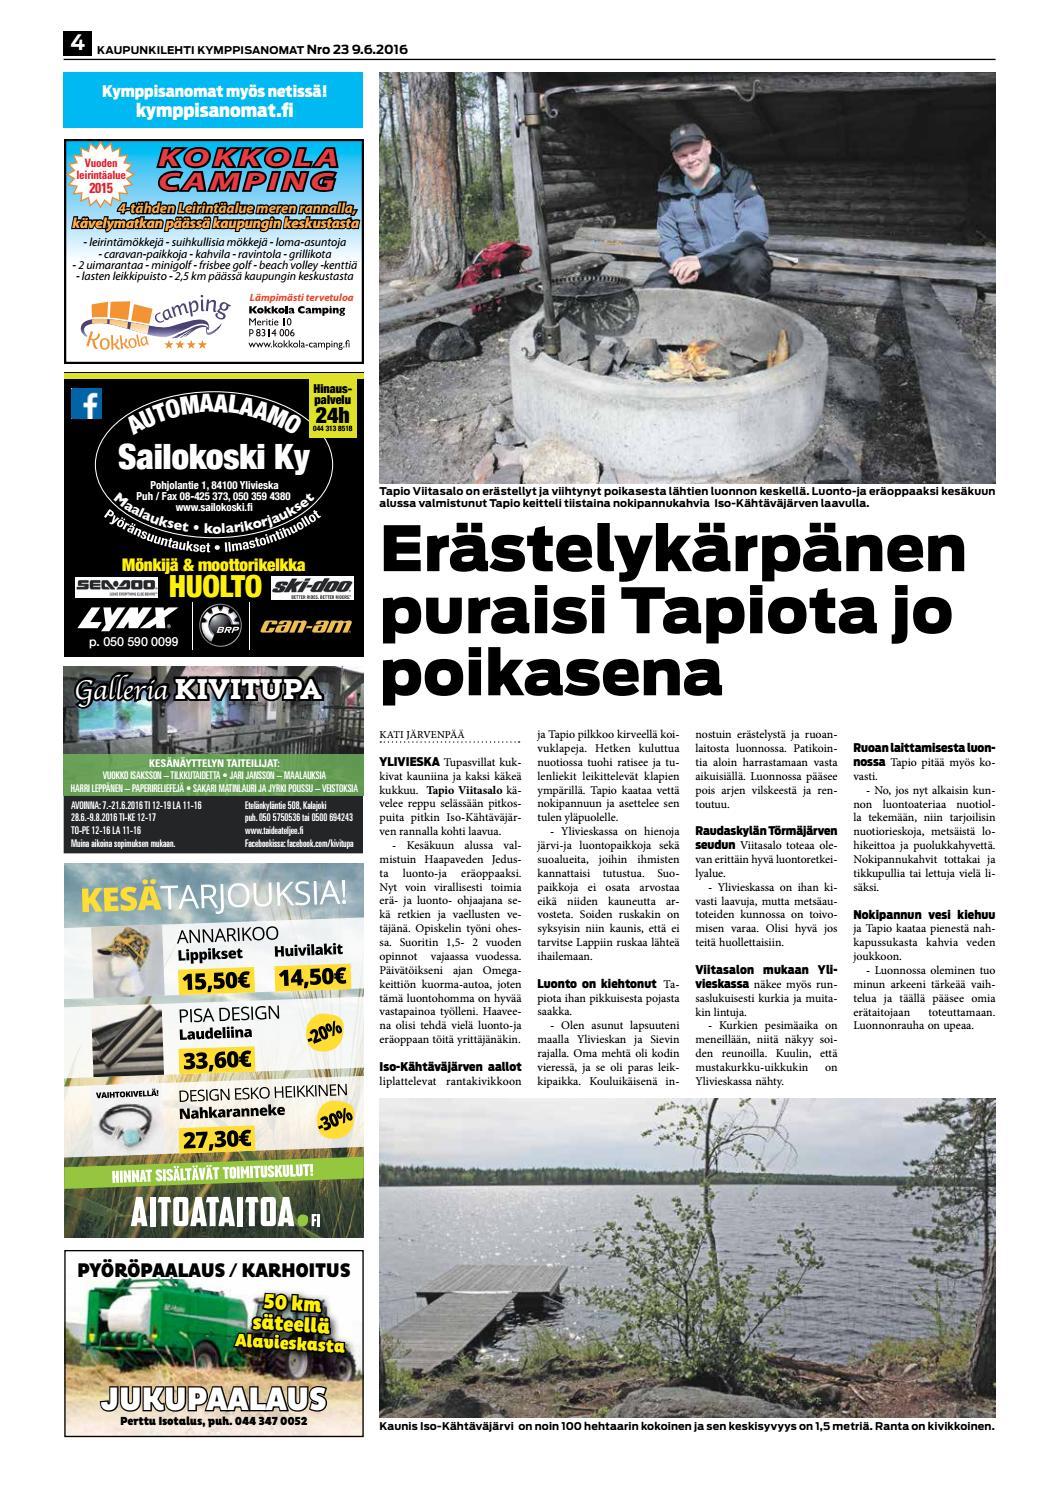 Minigolf Järvenpää